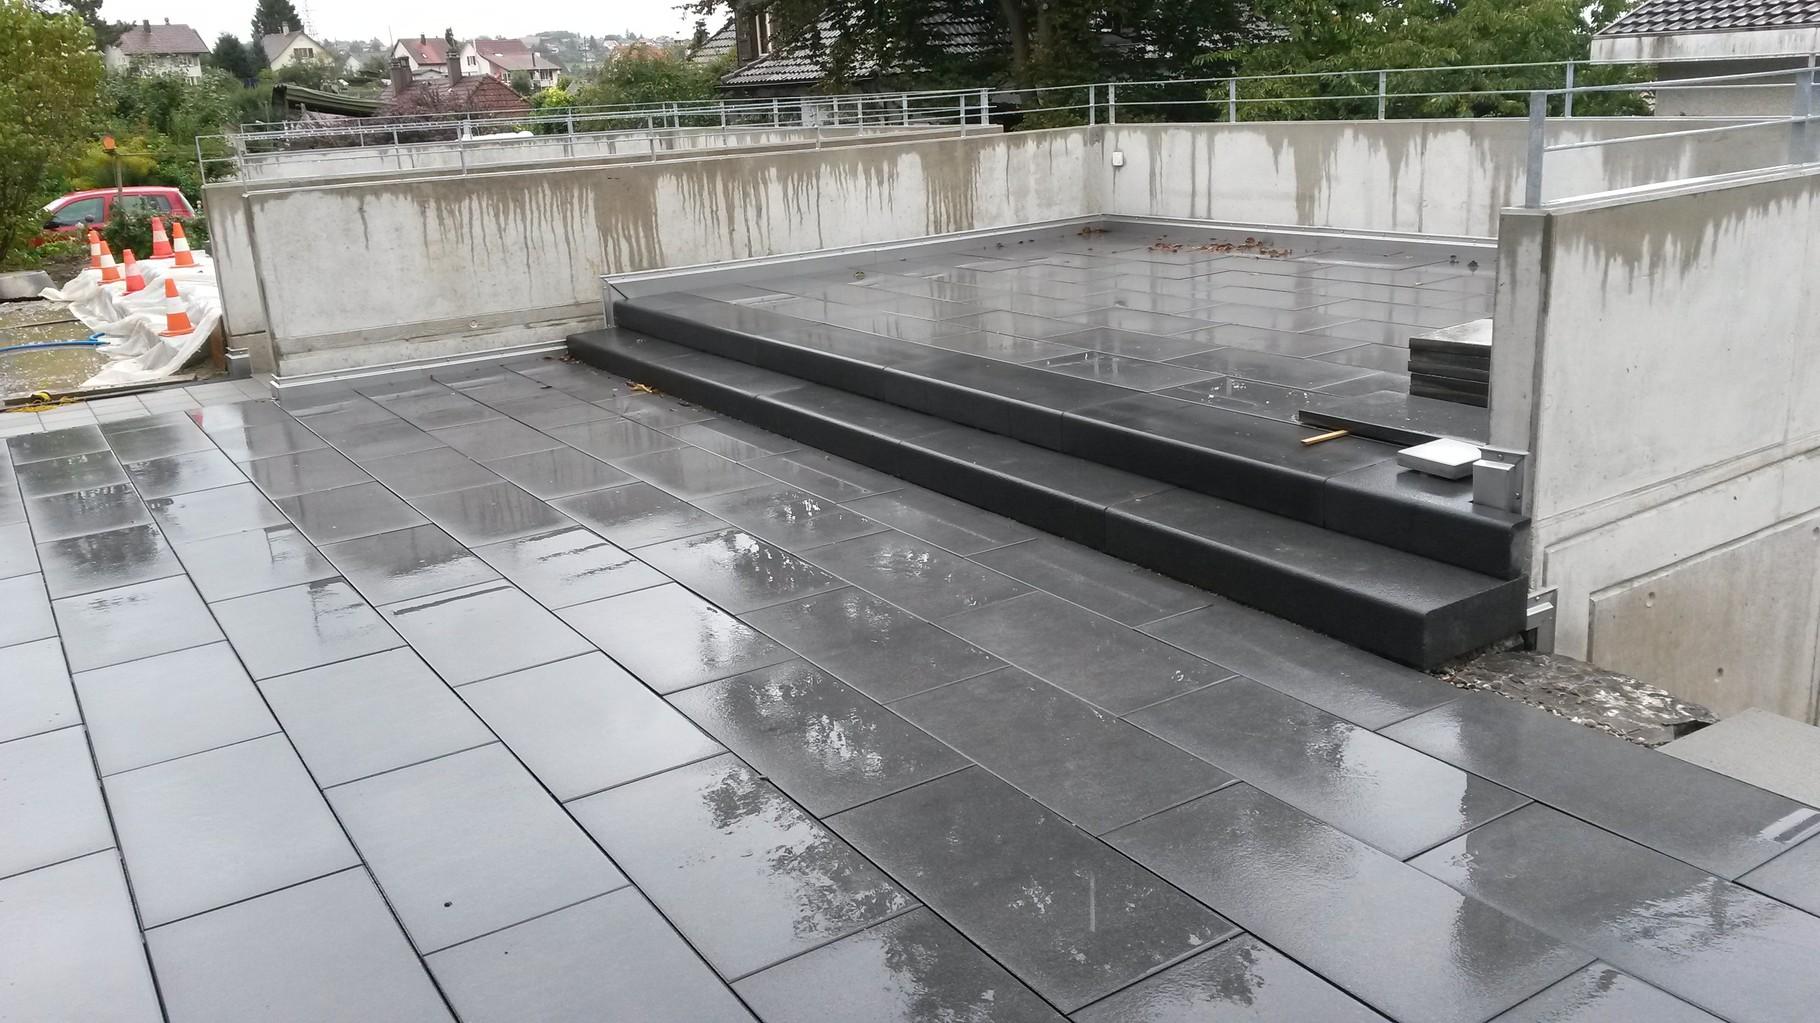 Sitzplatz auf Dachterrasse